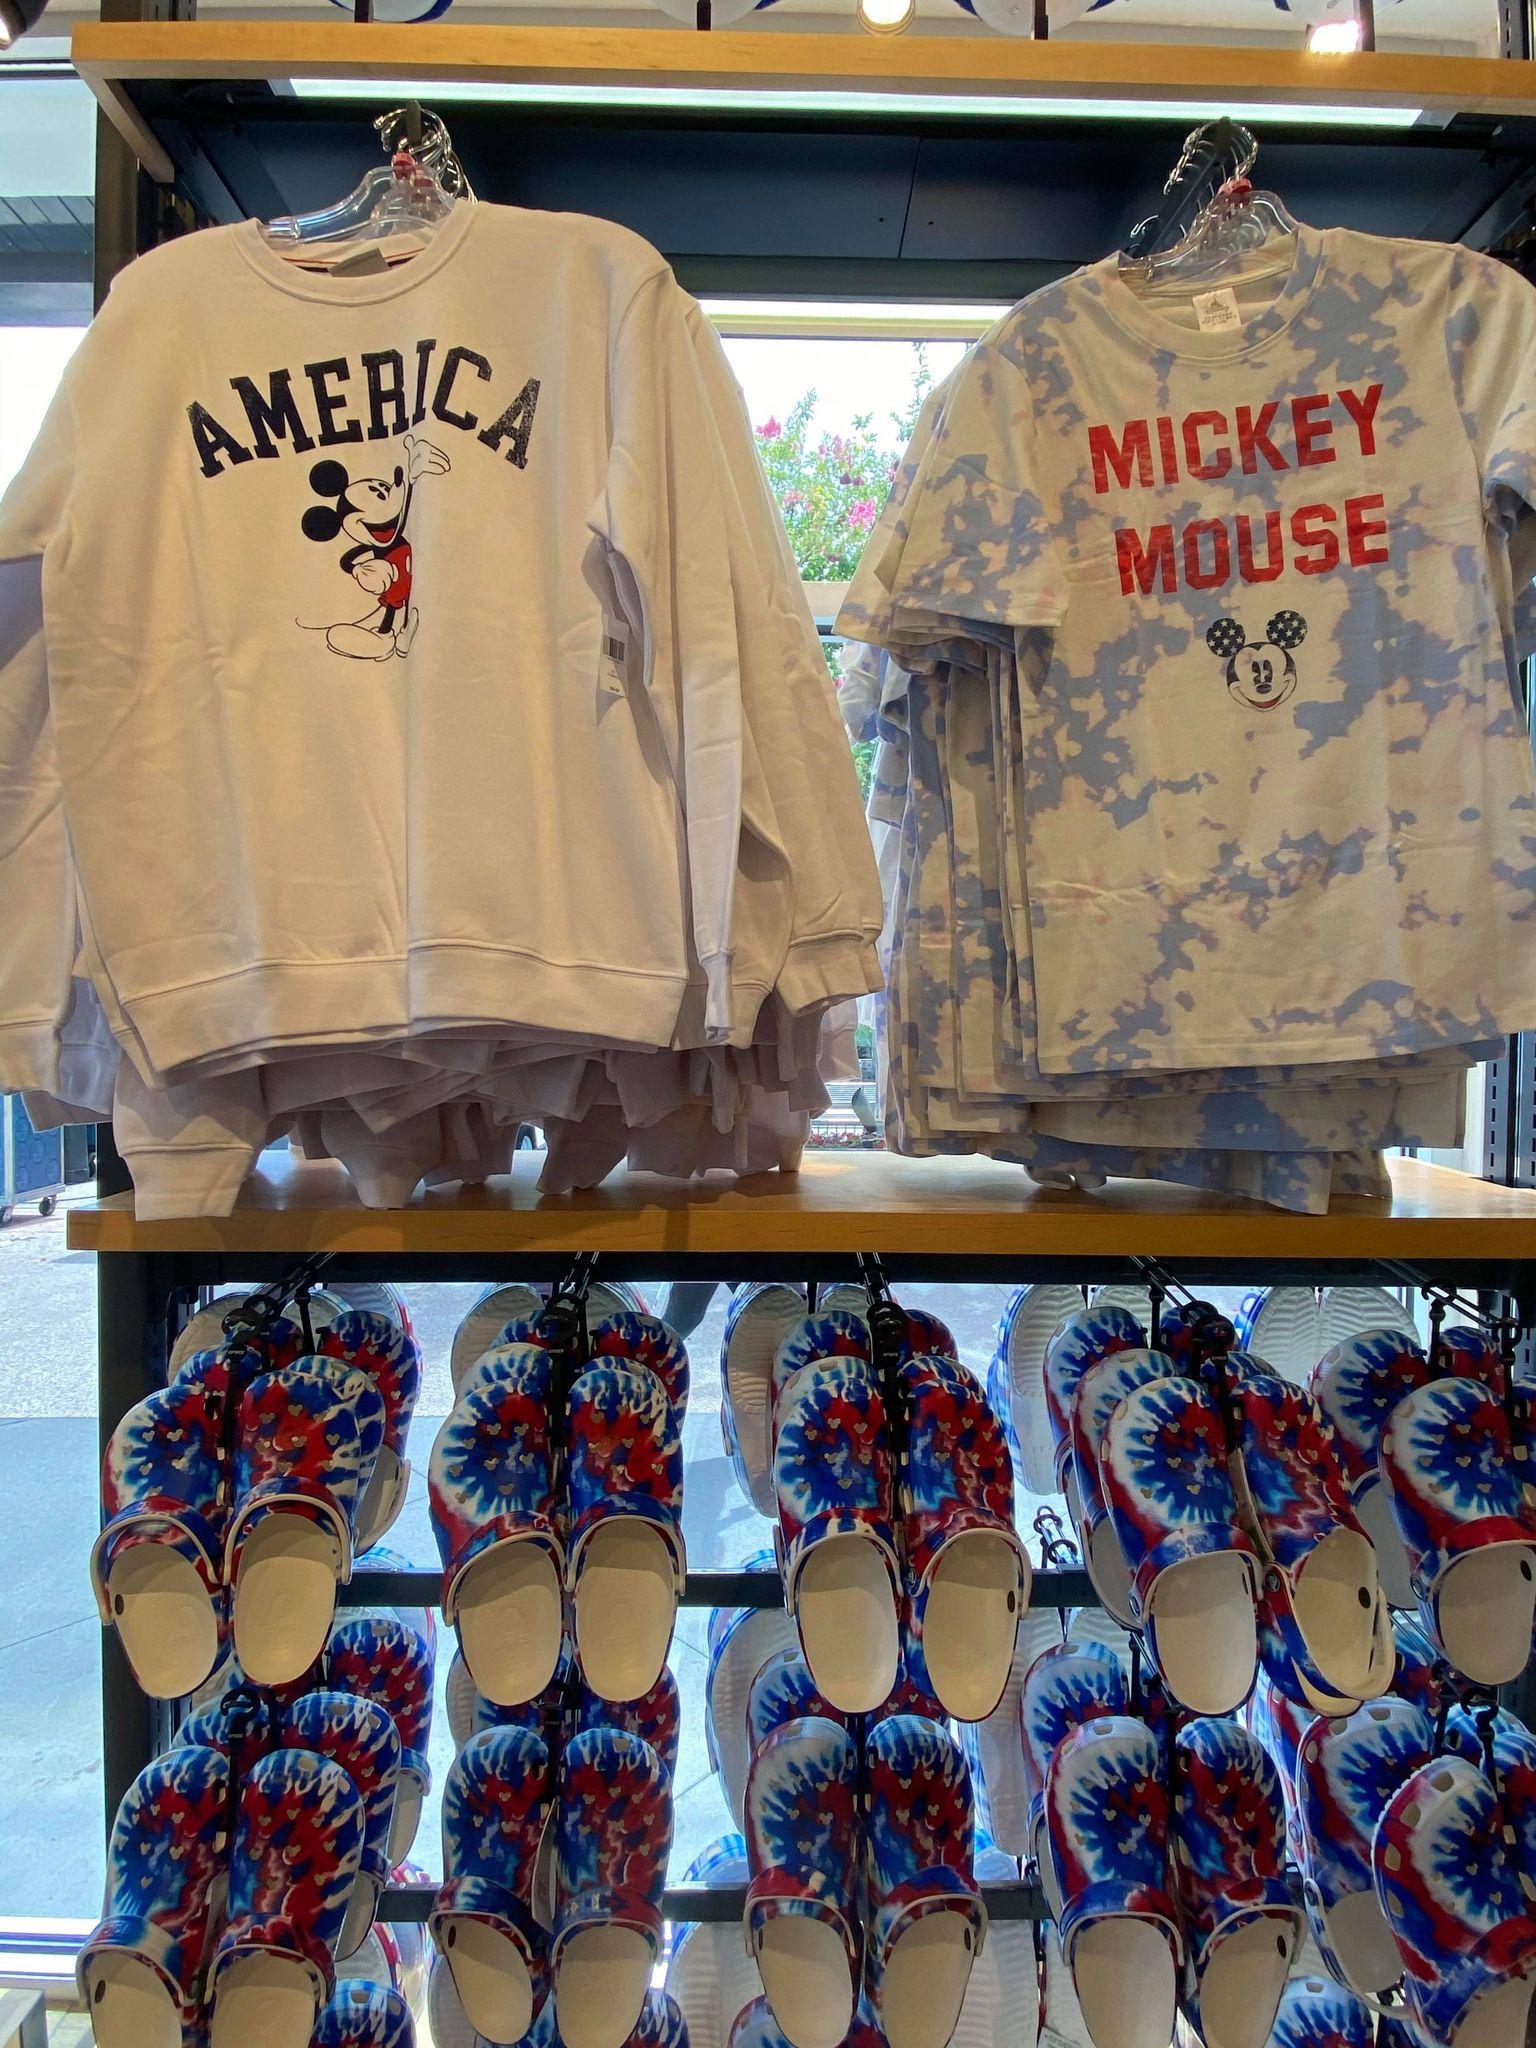 America Merch